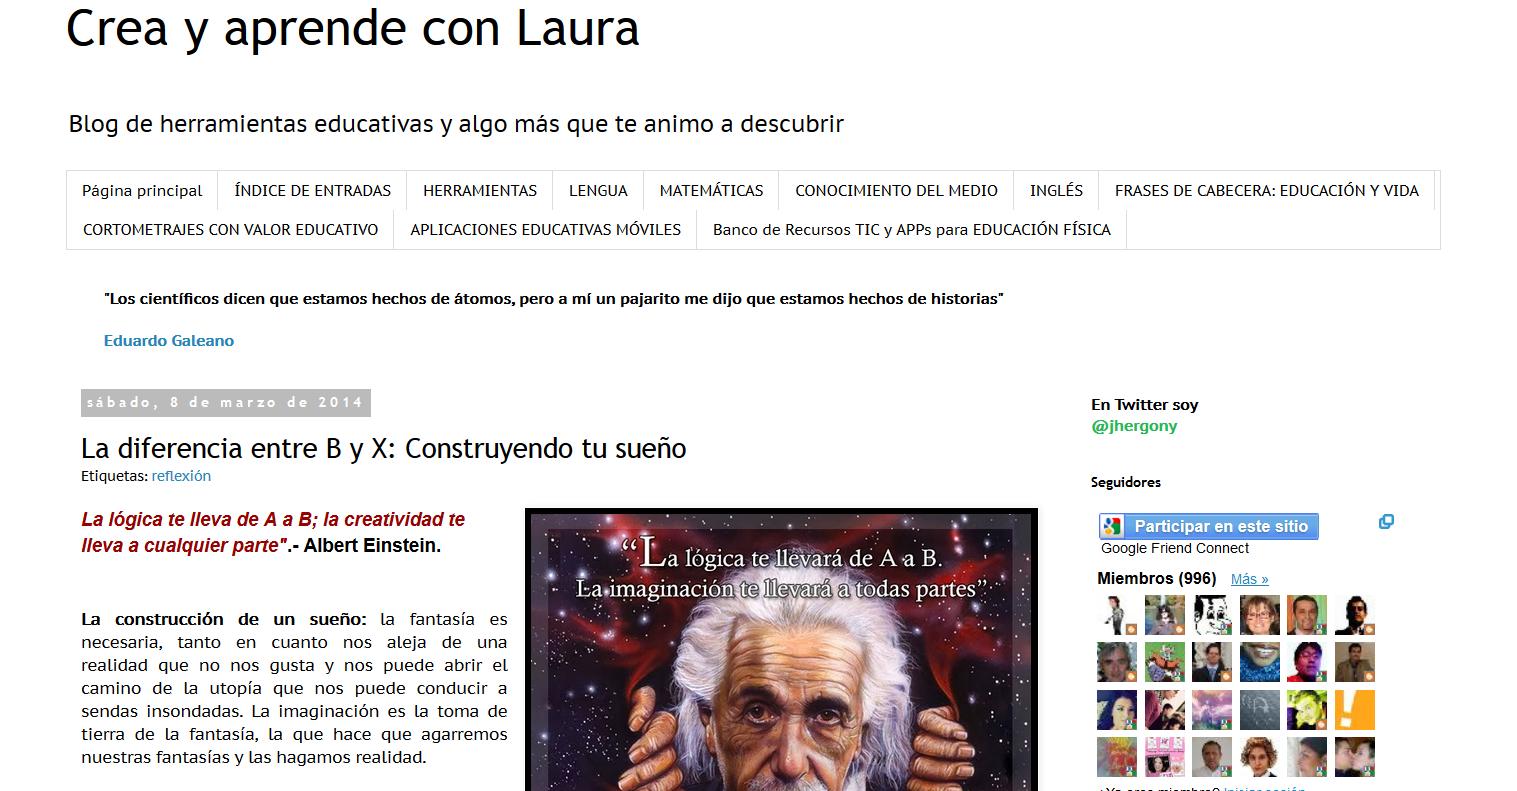 http://creaconlaura.blogspot.com.es/2014/03/la-diferencia-entre-b-y-x-construyendo.html